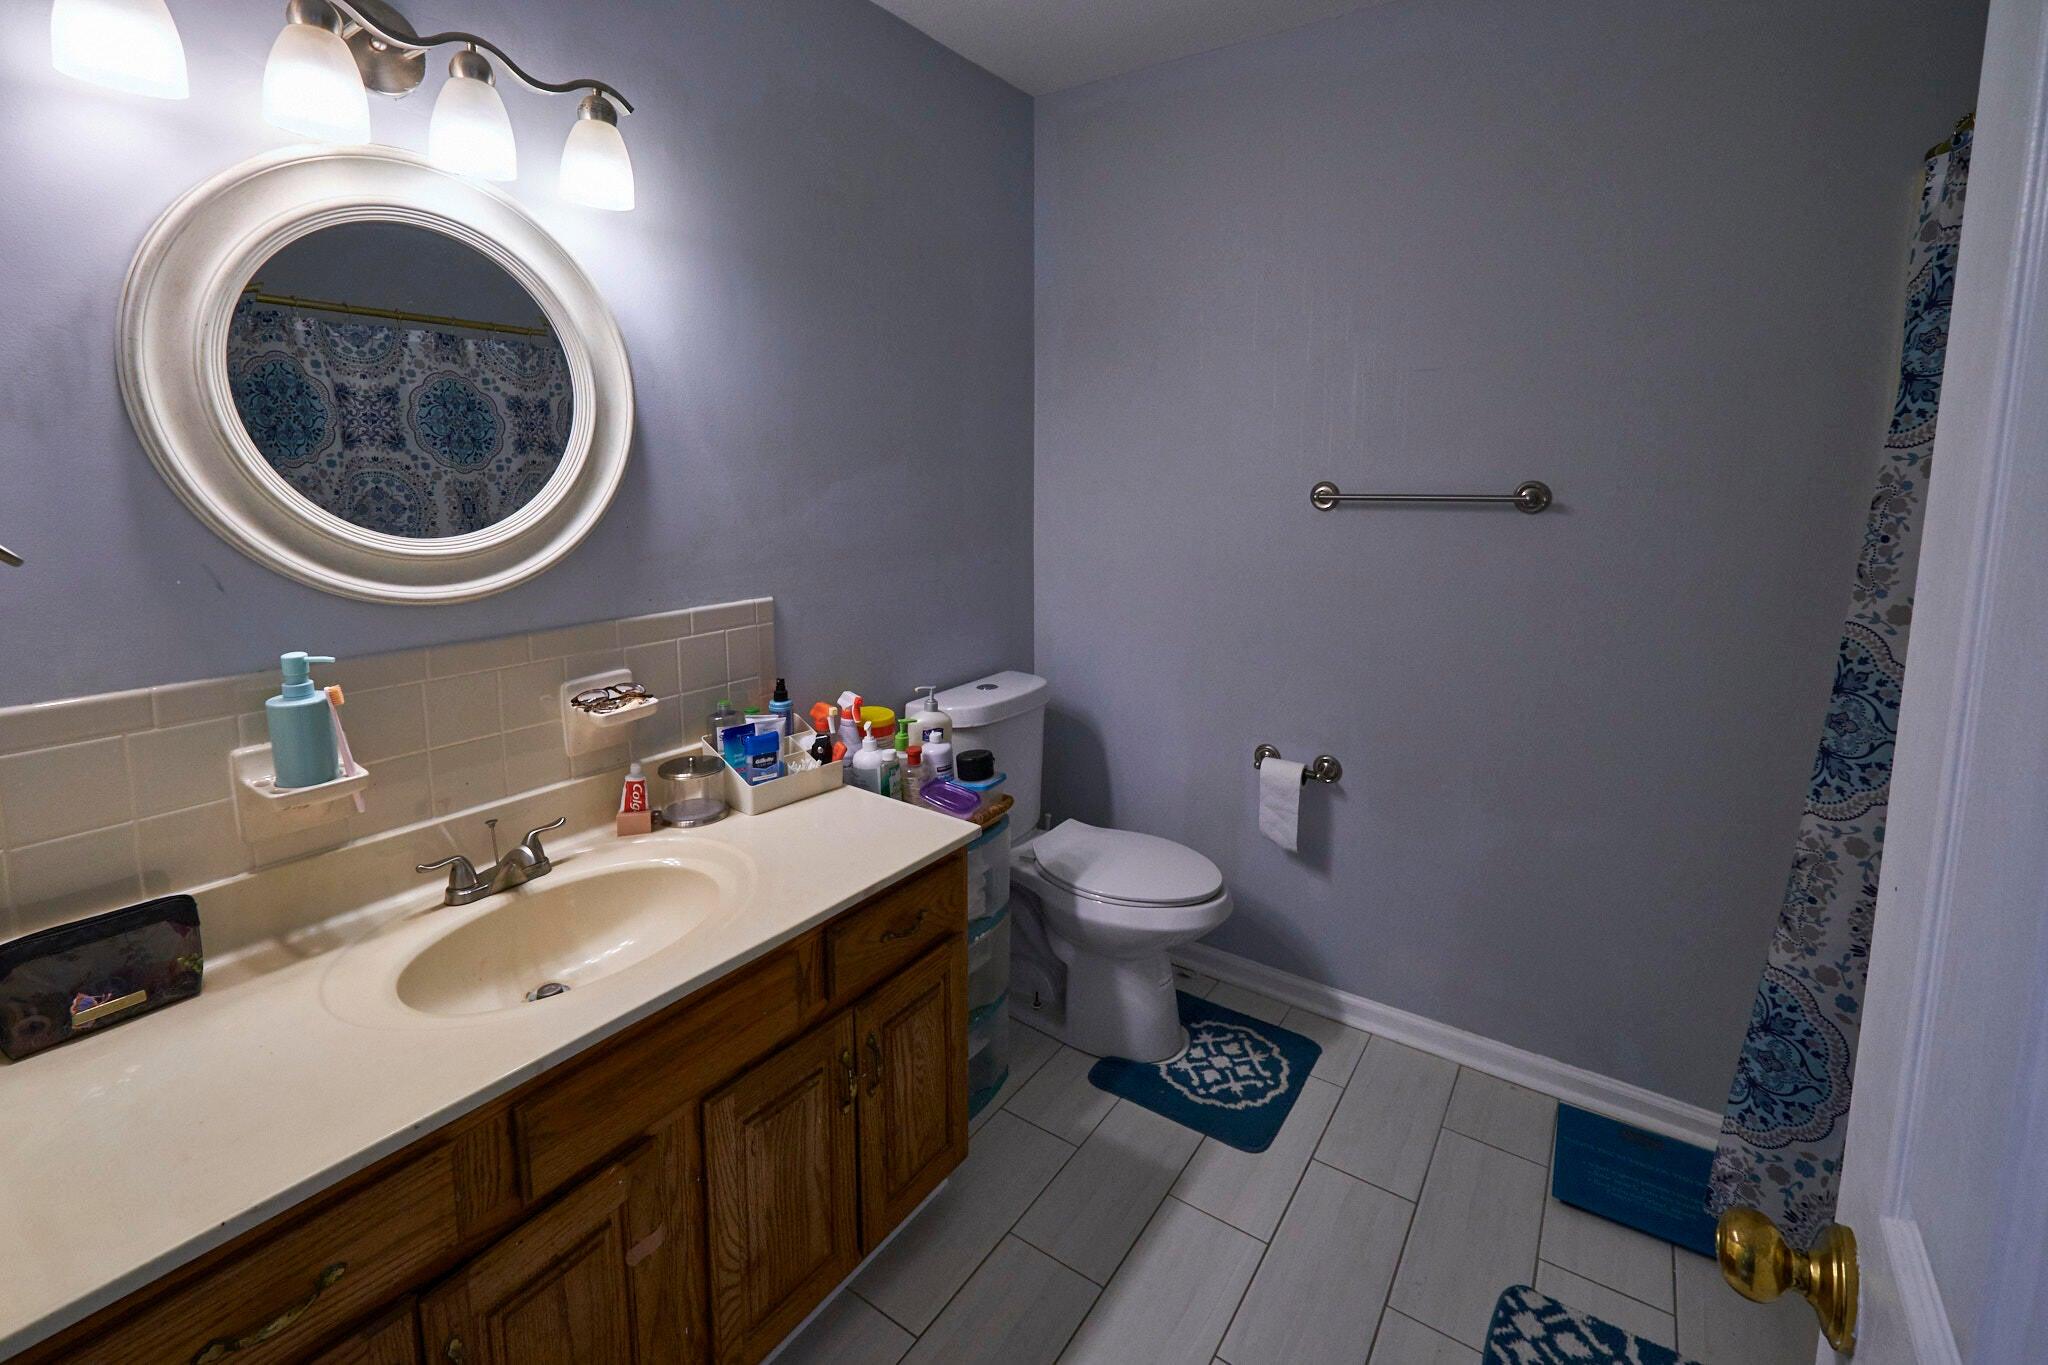 Bath 3 adjoins bedroom 4